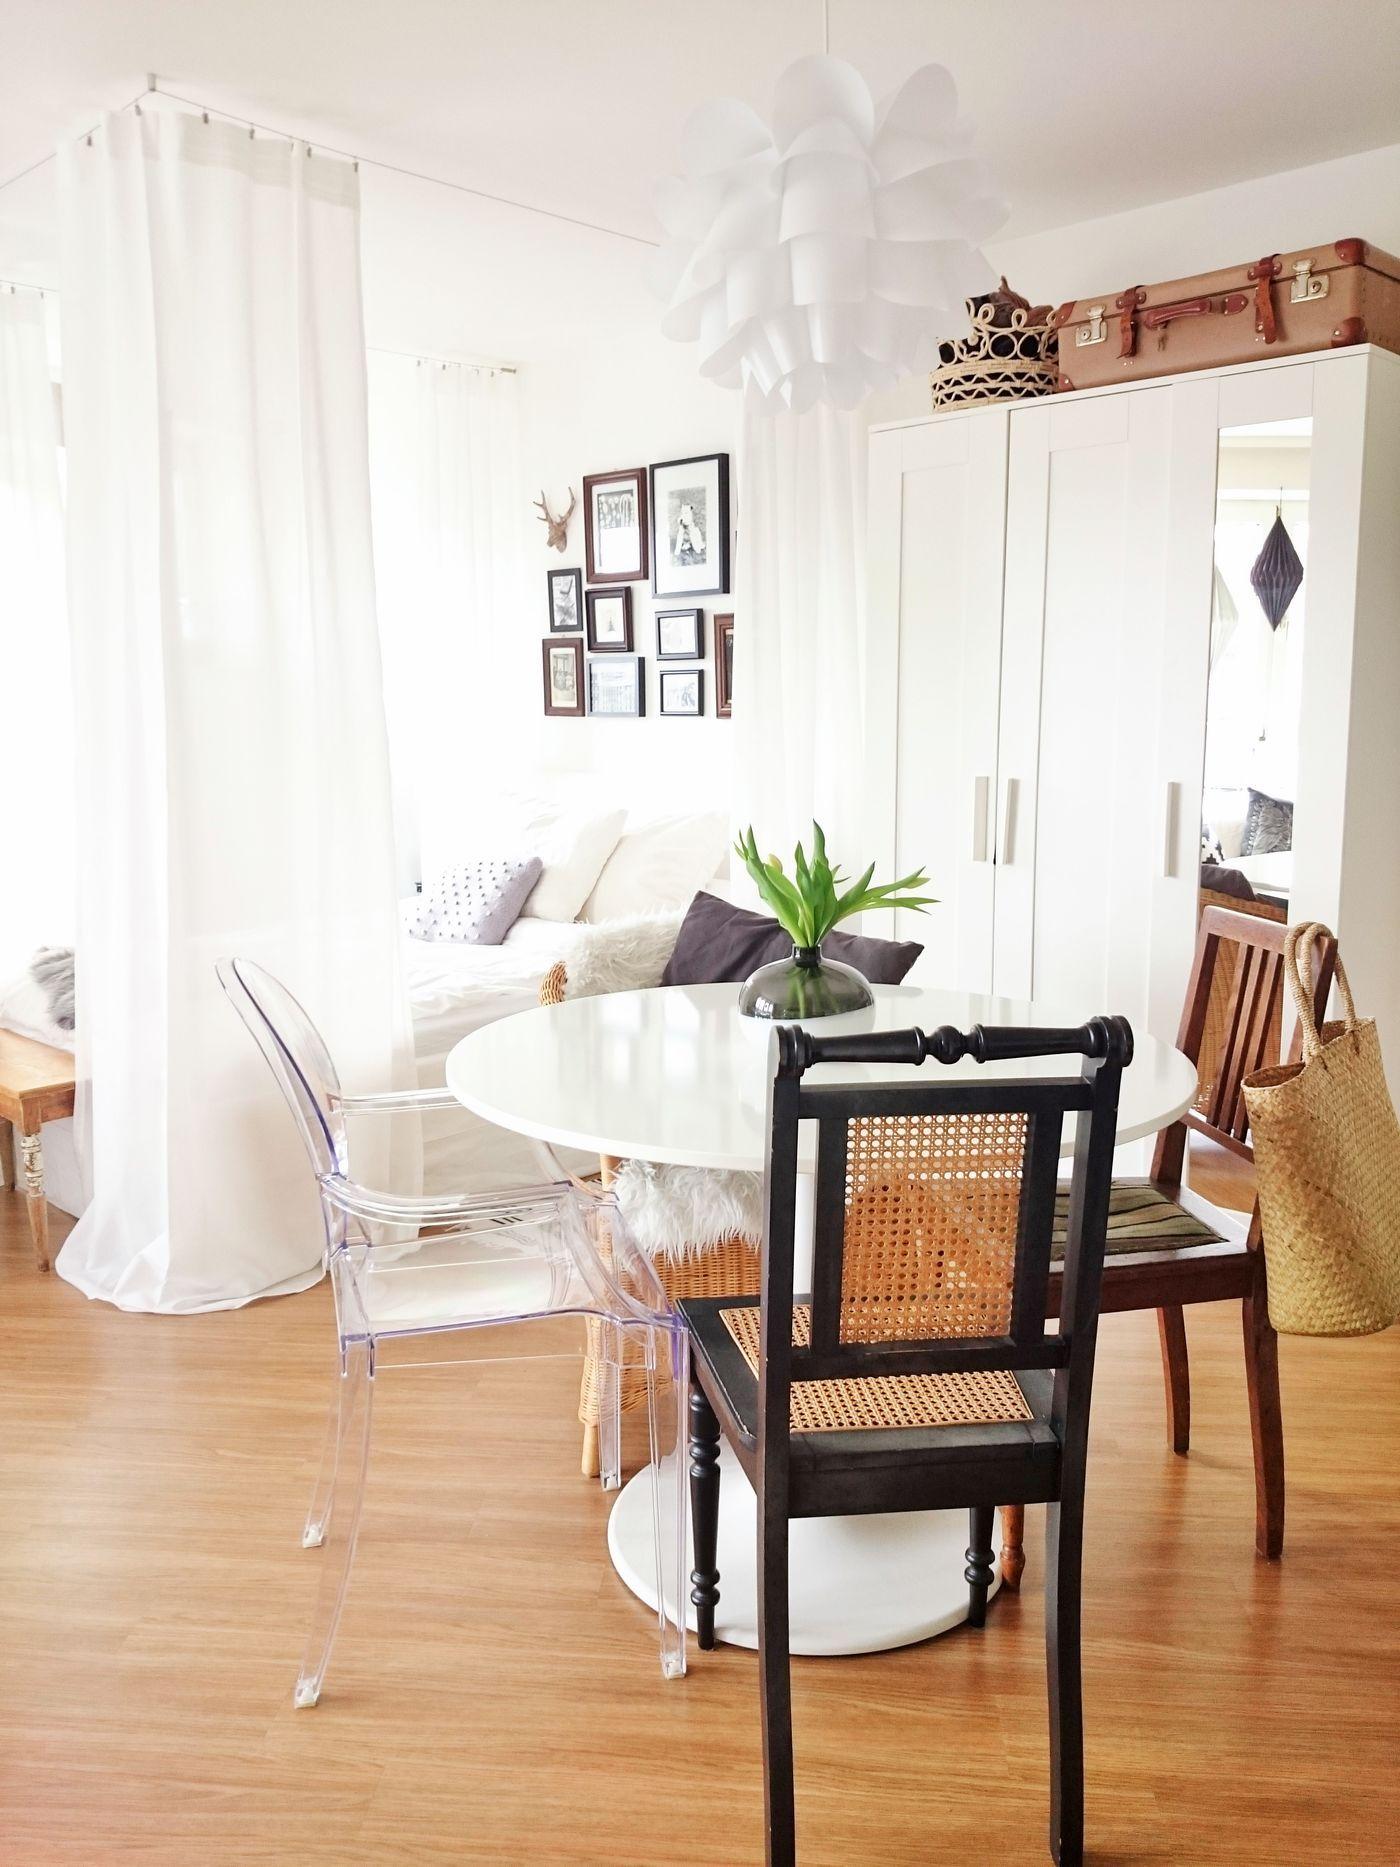 gemutliche einrichtungsideen kleine wohnzimmer, kleine zimmer & räume einrichten, Ideen entwickeln